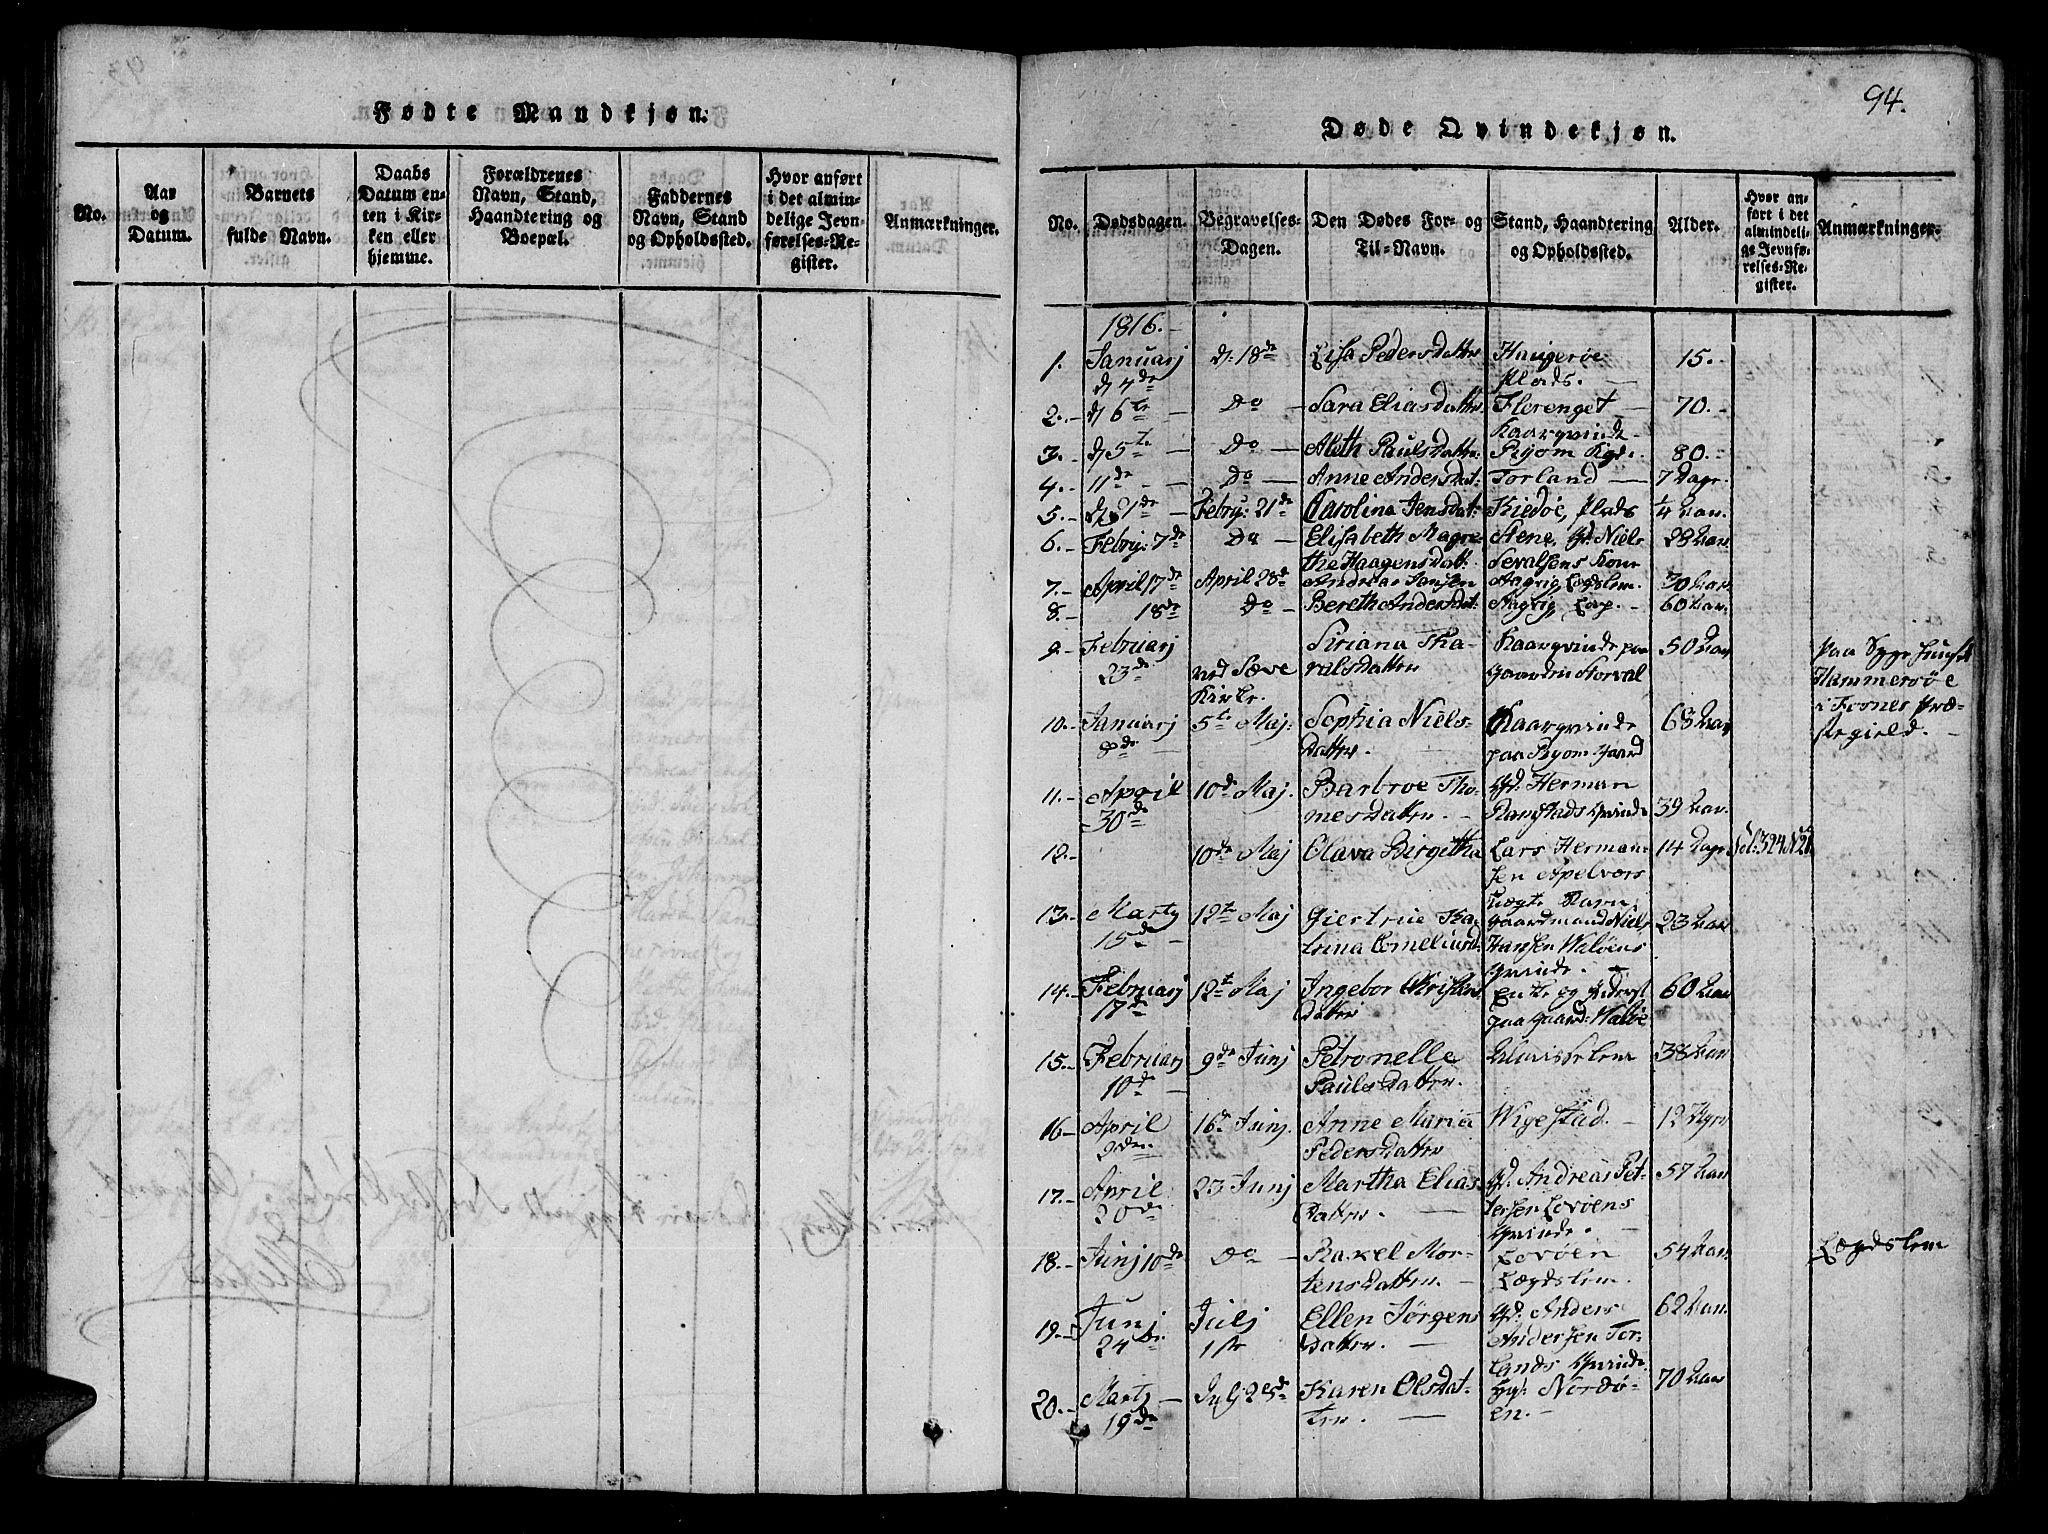 SAT, Ministerialprotokoller, klokkerbøker og fødselsregistre - Nord-Trøndelag, 784/L0667: Ministerialbok nr. 784A03 /1, 1816-1829, s. 94